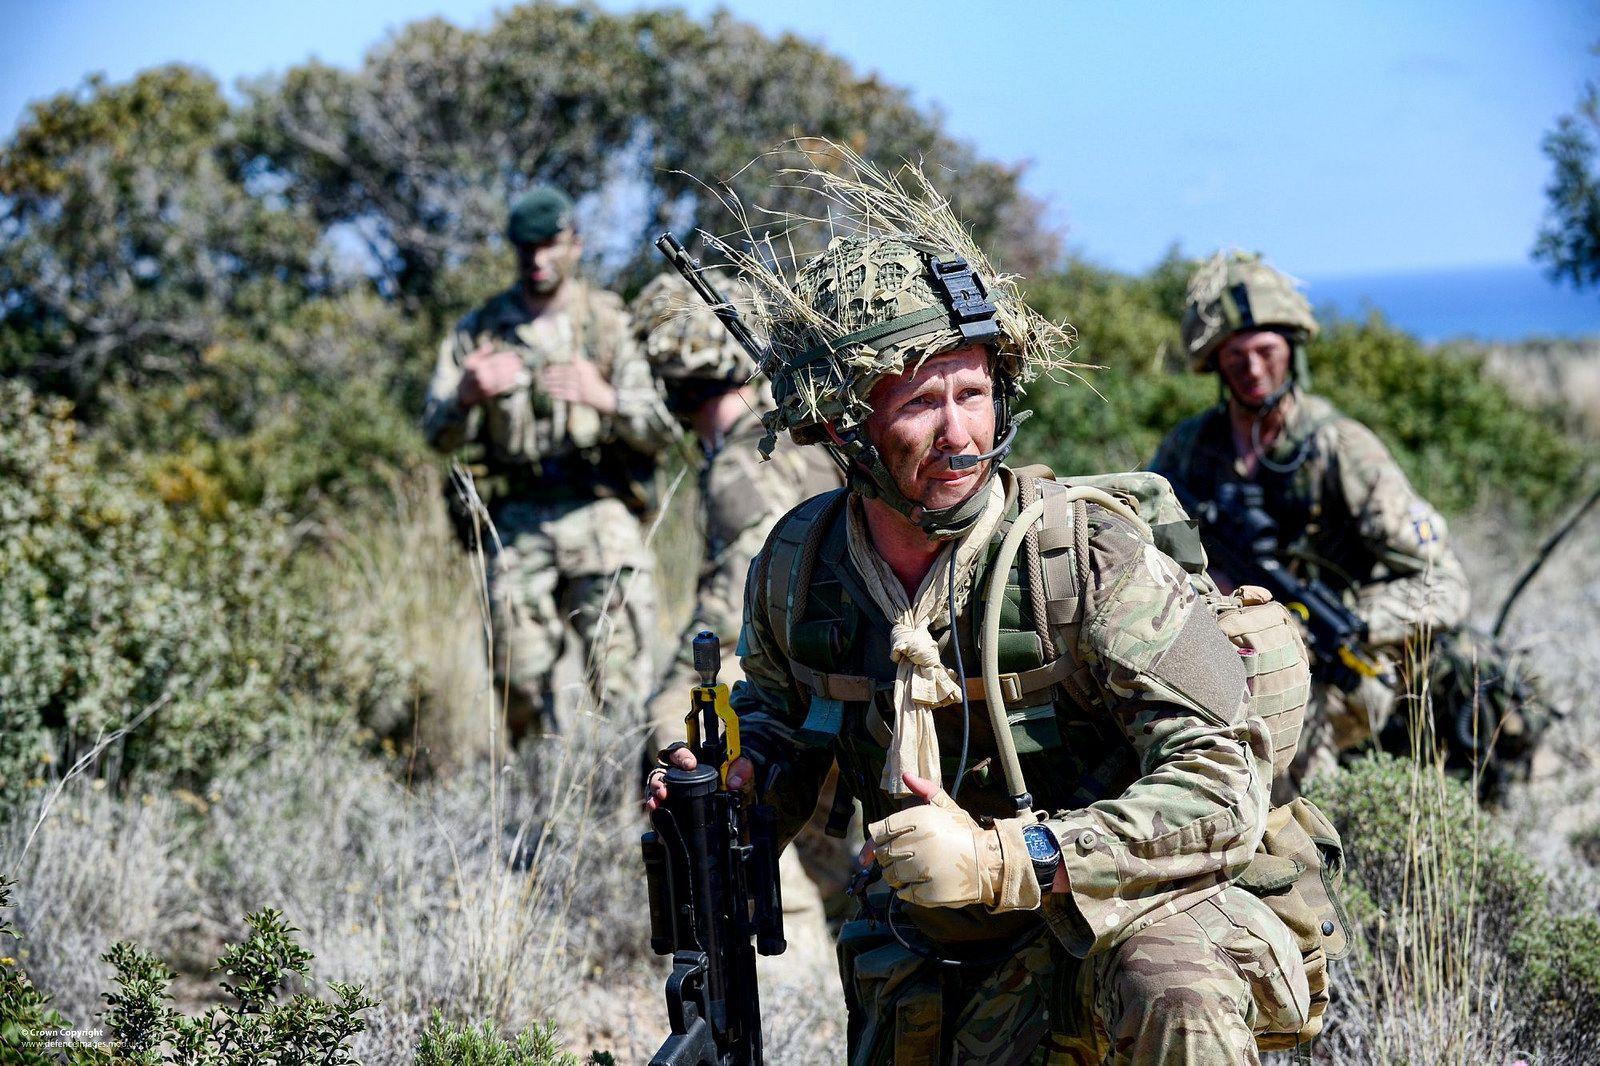 Britanski vojnici tokom vojne vežbe na Kipru, 30. april 2014. (Foto: Cpl Si Longworth RLC/flickr.com)